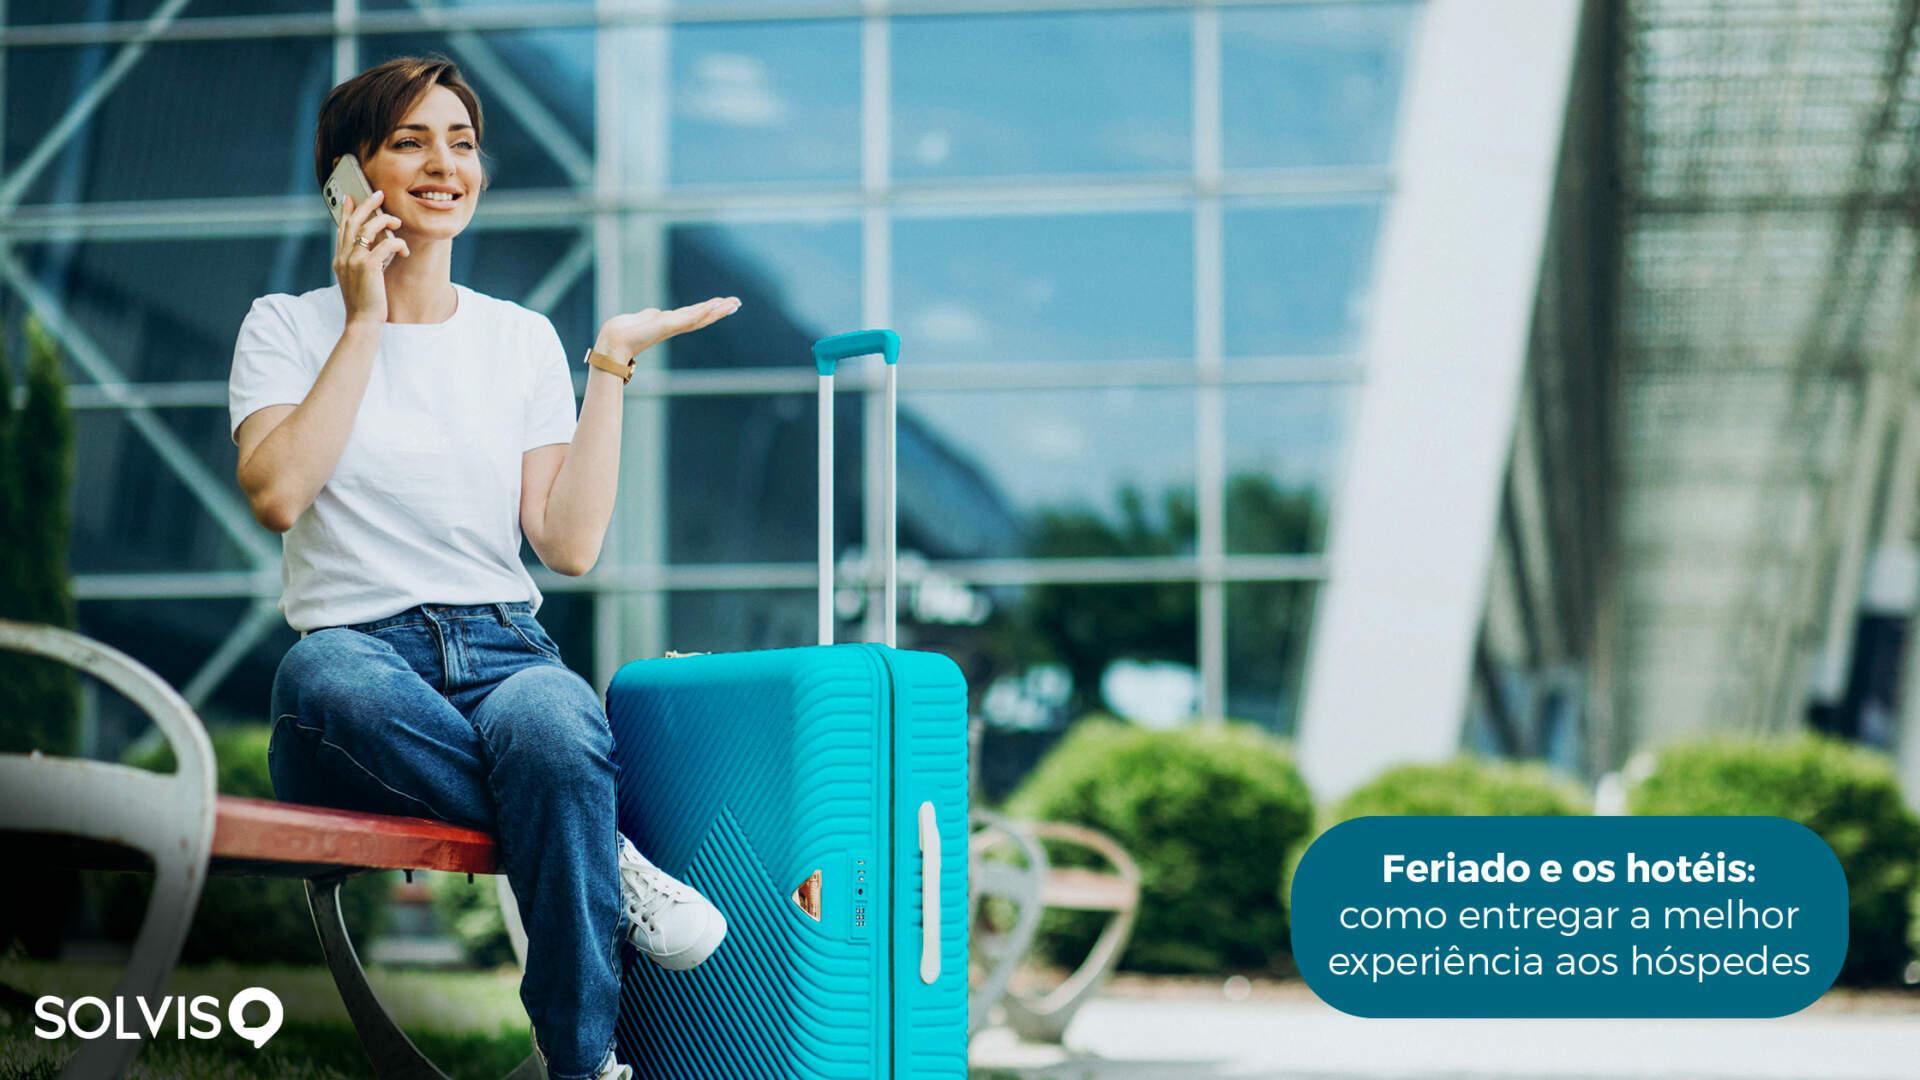 Mulher sentado em um banco ao ar livre, falando ao telefone com a sua mala de viagem azul ao lado